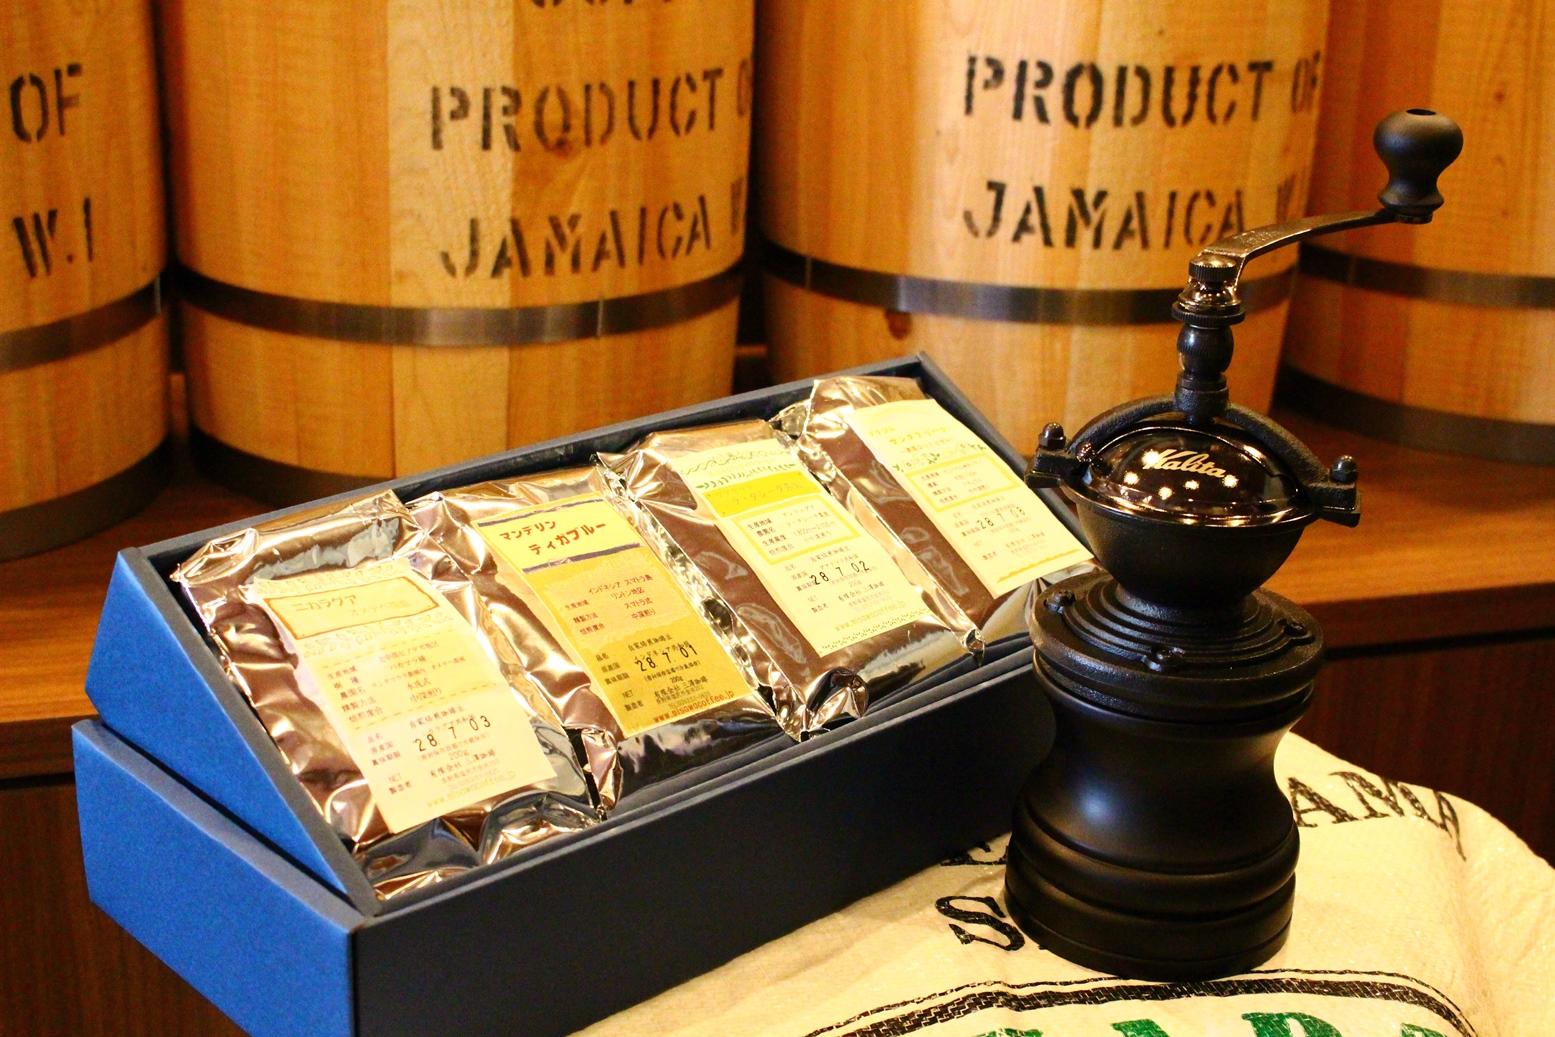 【ふるさと納税】スペシャルティーコーヒーとミルのセット 寄付金額30,000円 (長野県辰野町)